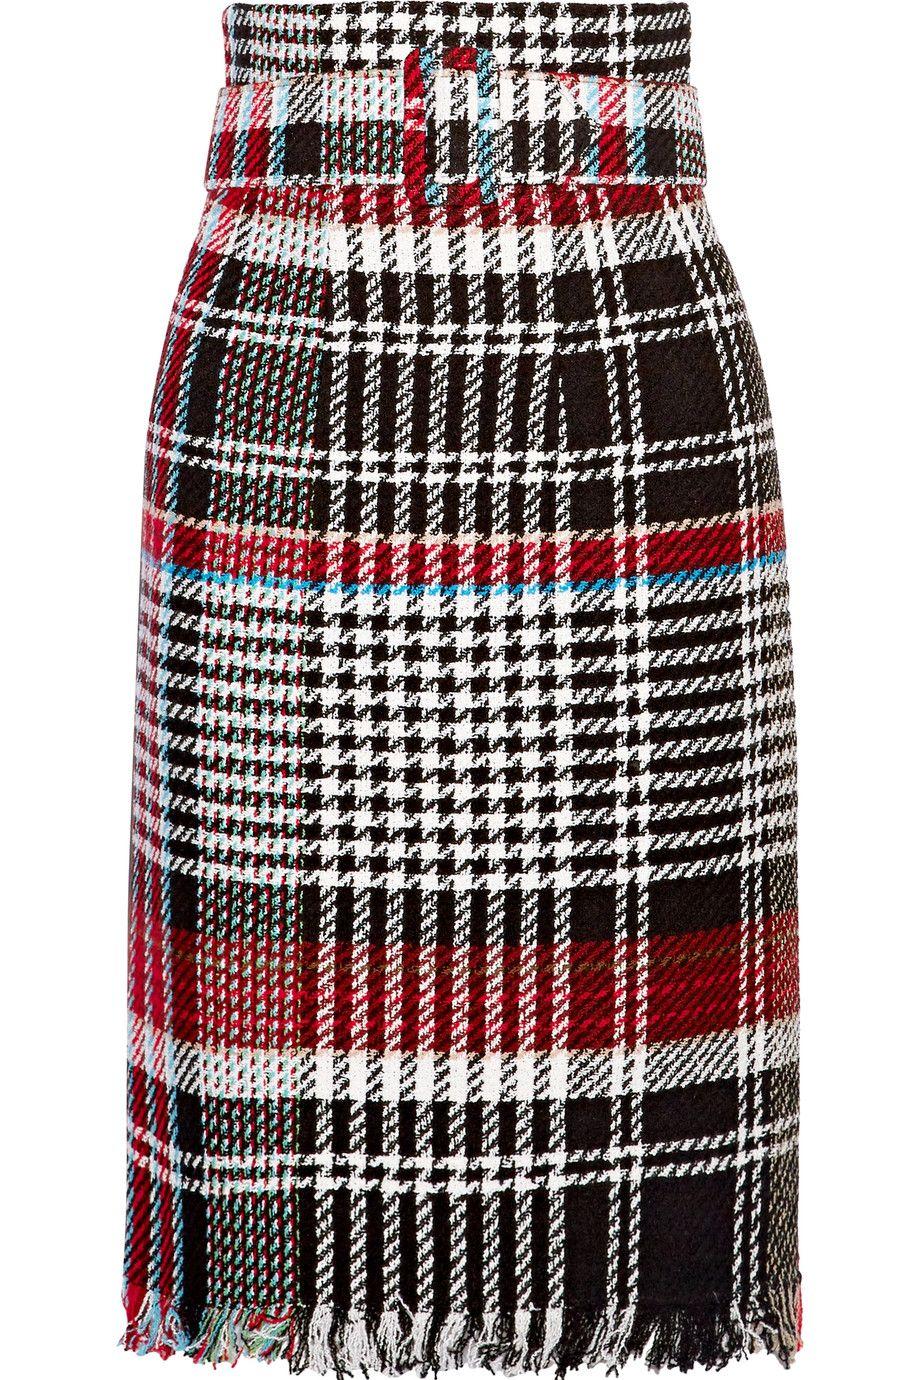 8ff586afbb Oscar de la Renta   Belted fringed checked cotton-blend tweed skirt    NET-A-PORTER.COM